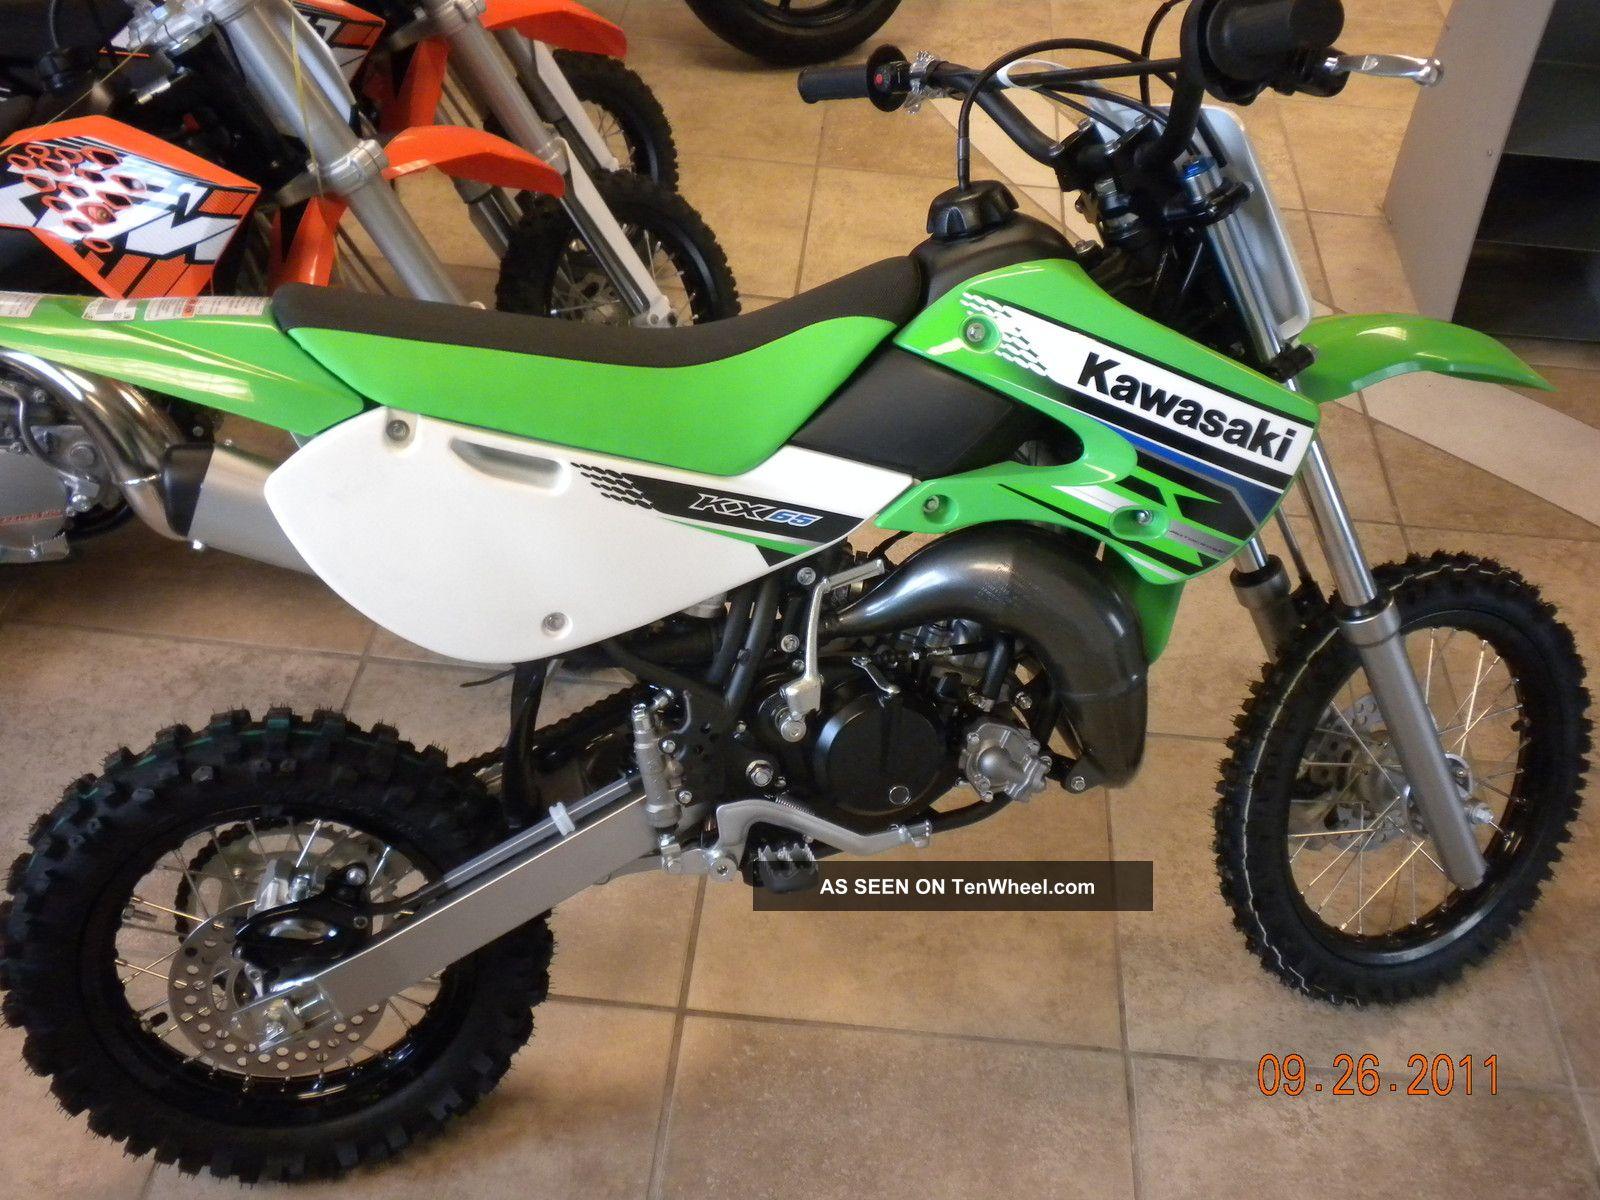 2012 Kawasaki Kx65 KX photo